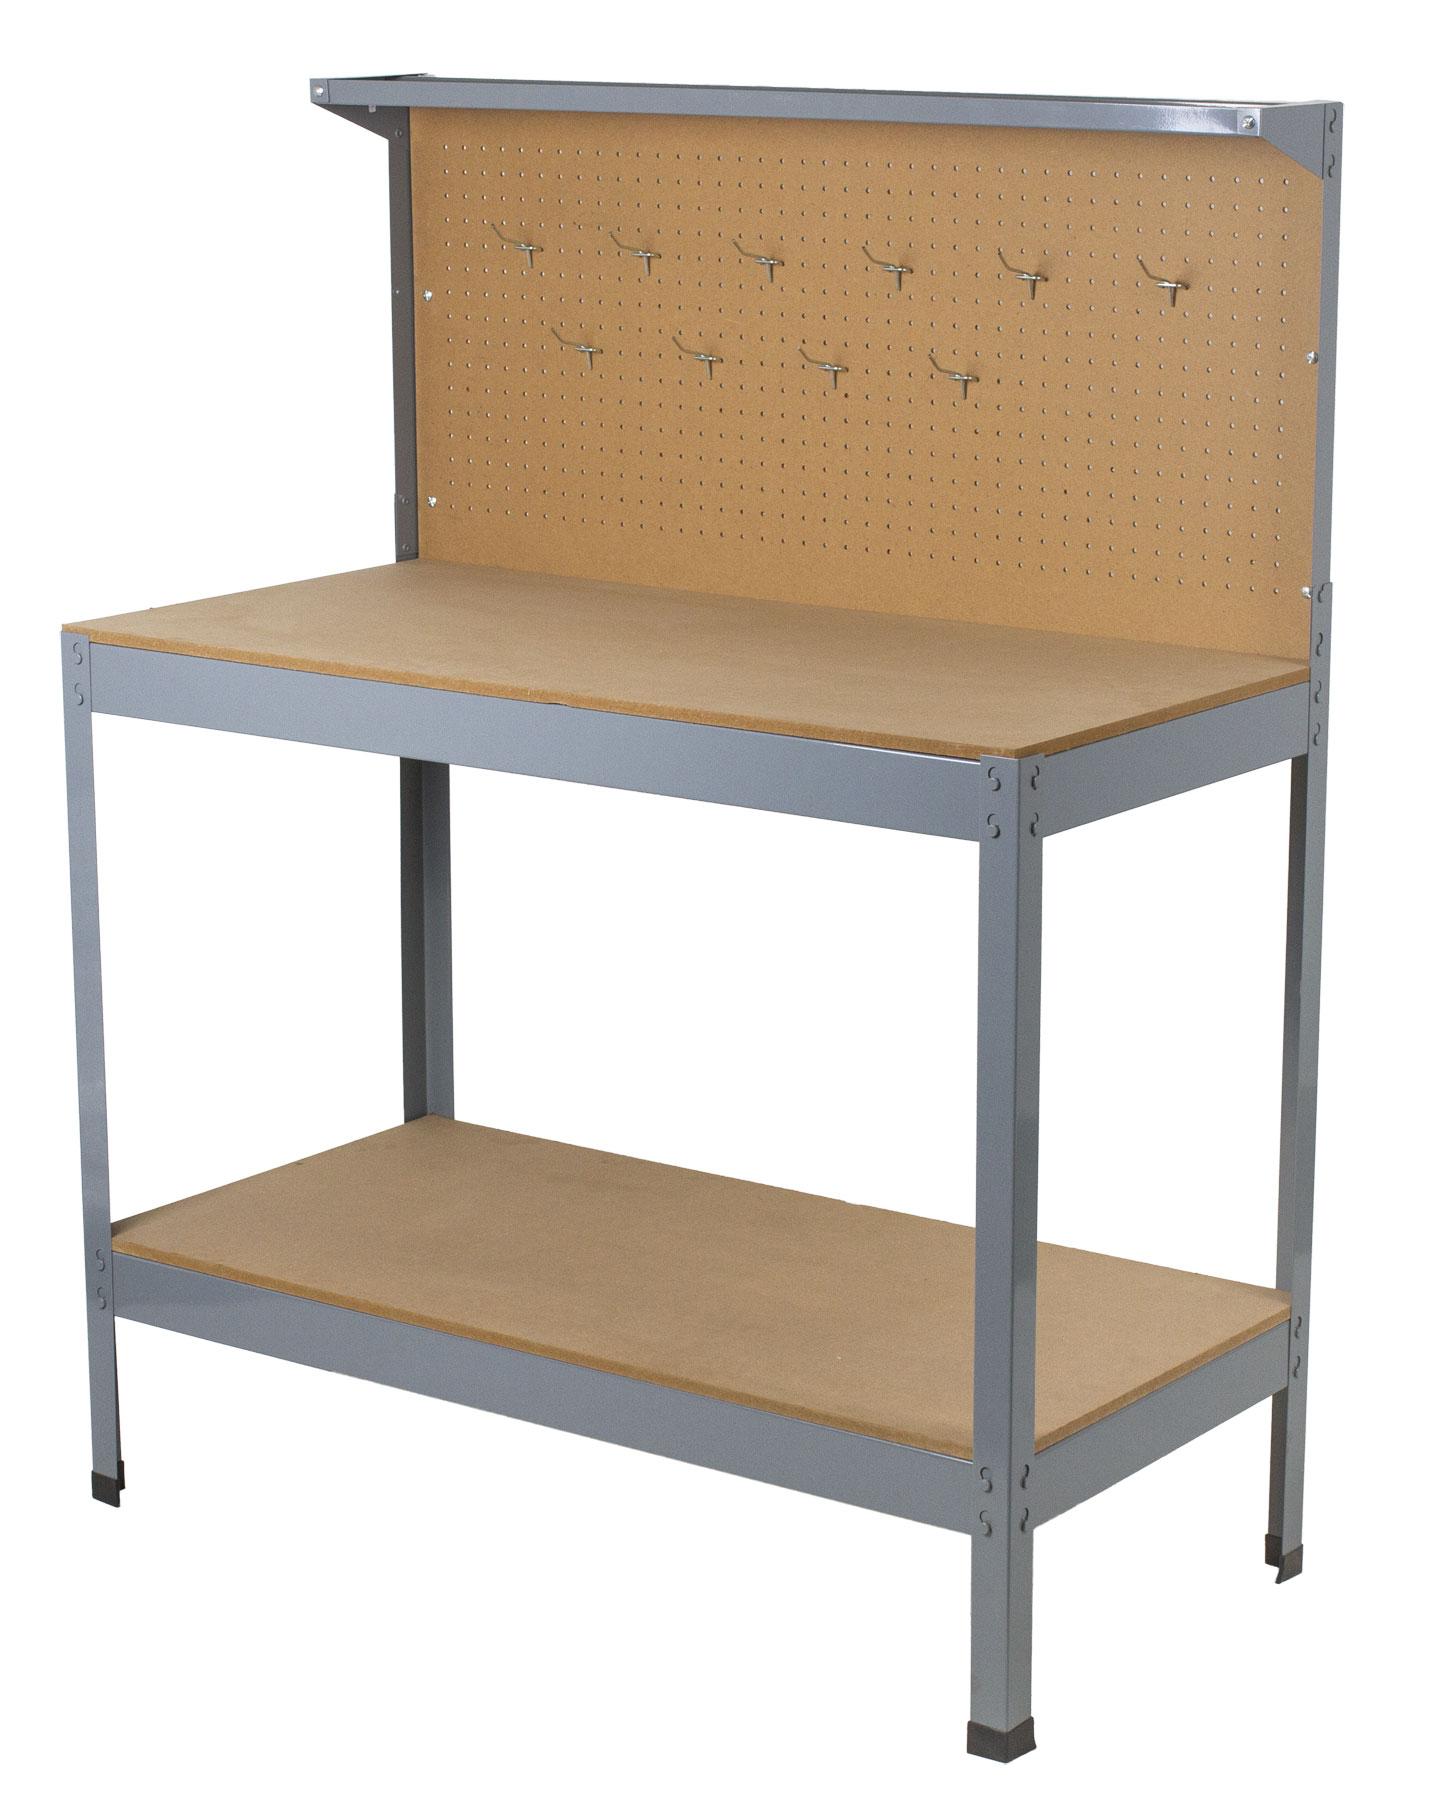 Pracovní dílenský stůl ECONOMY s děrovanou deskou a úložným prostorem - WT4300